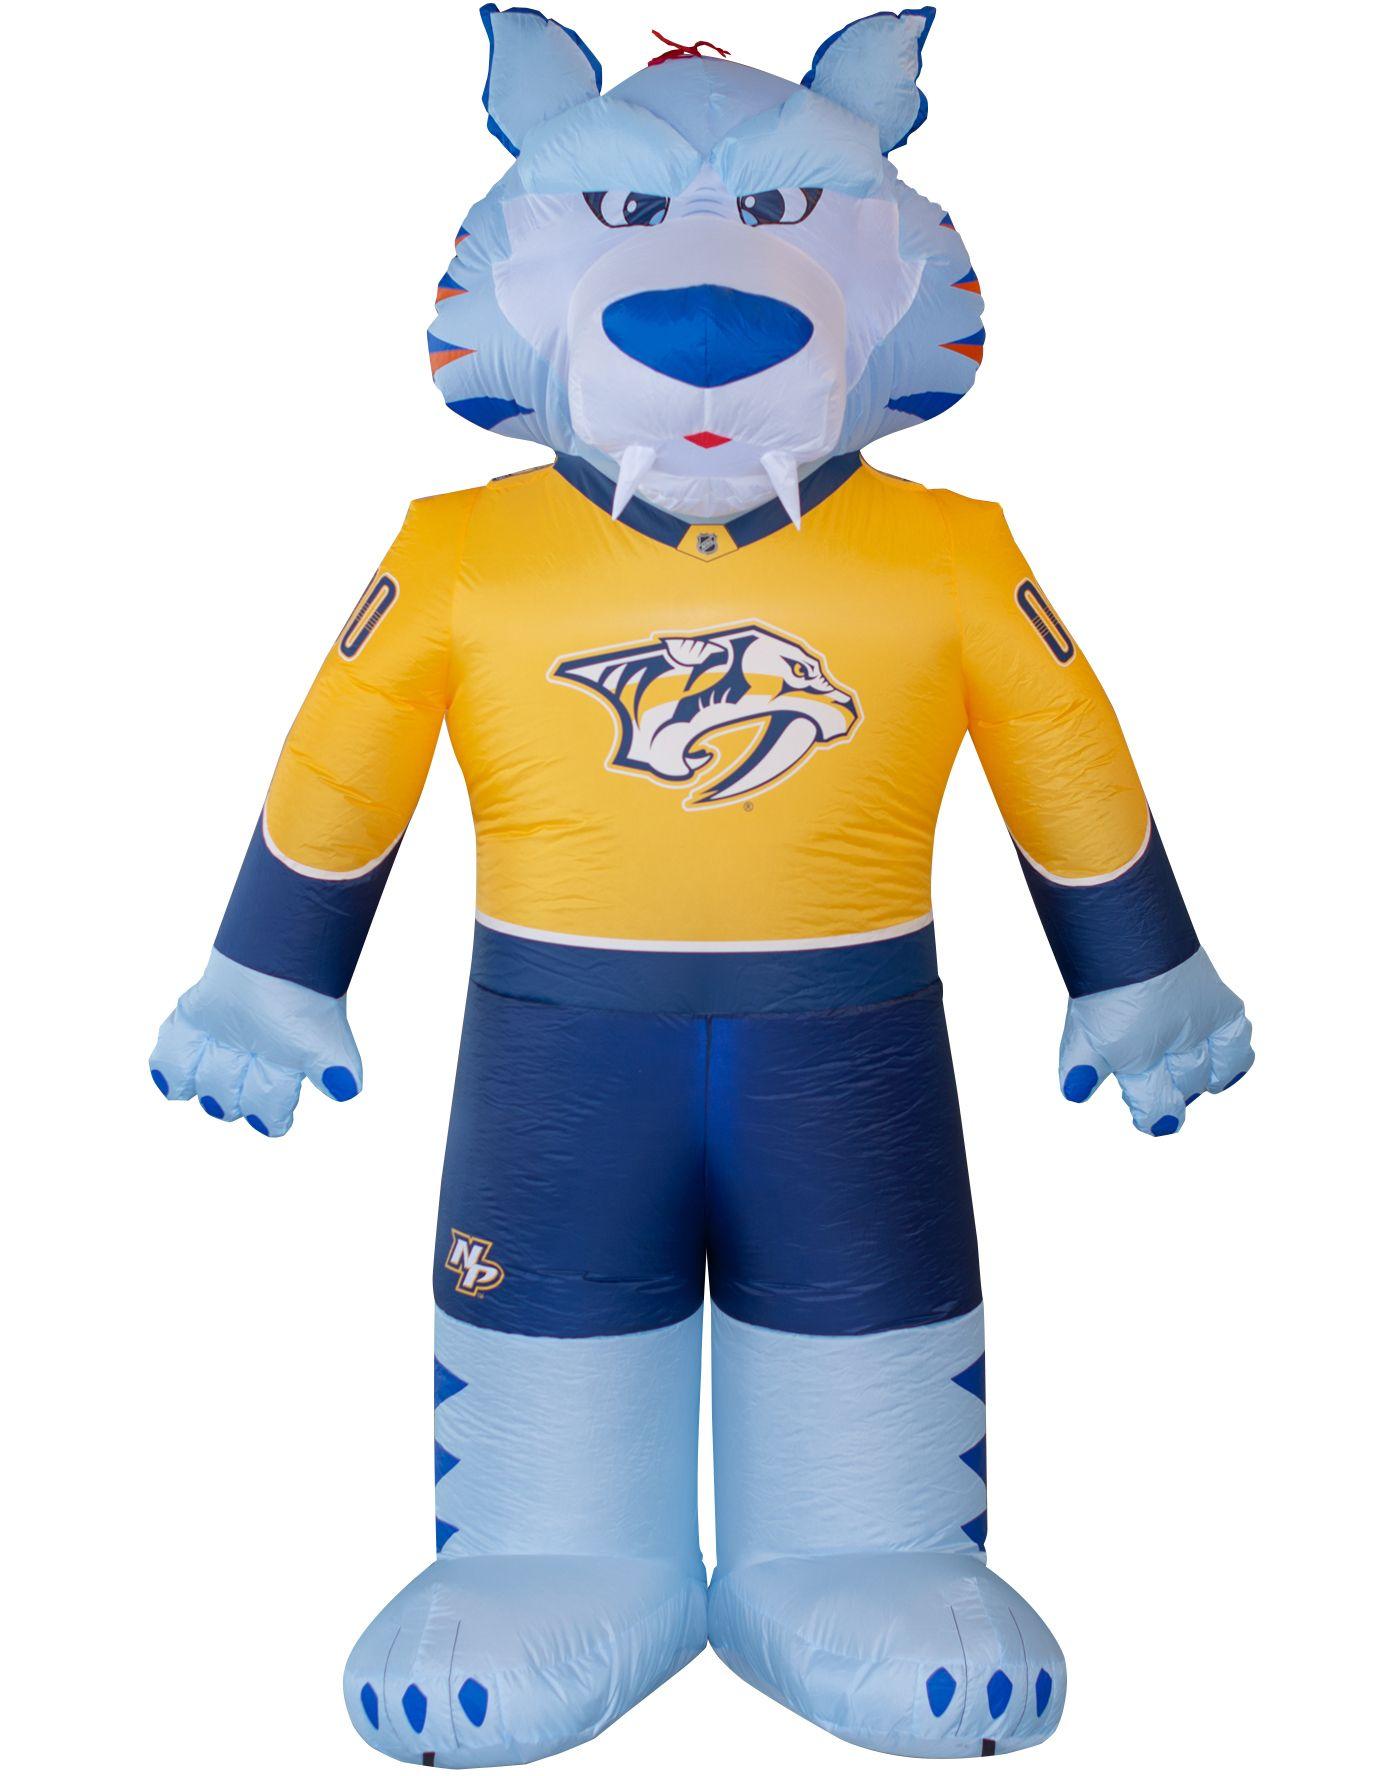 Boelter Nashville Predators Inflatable Mascot